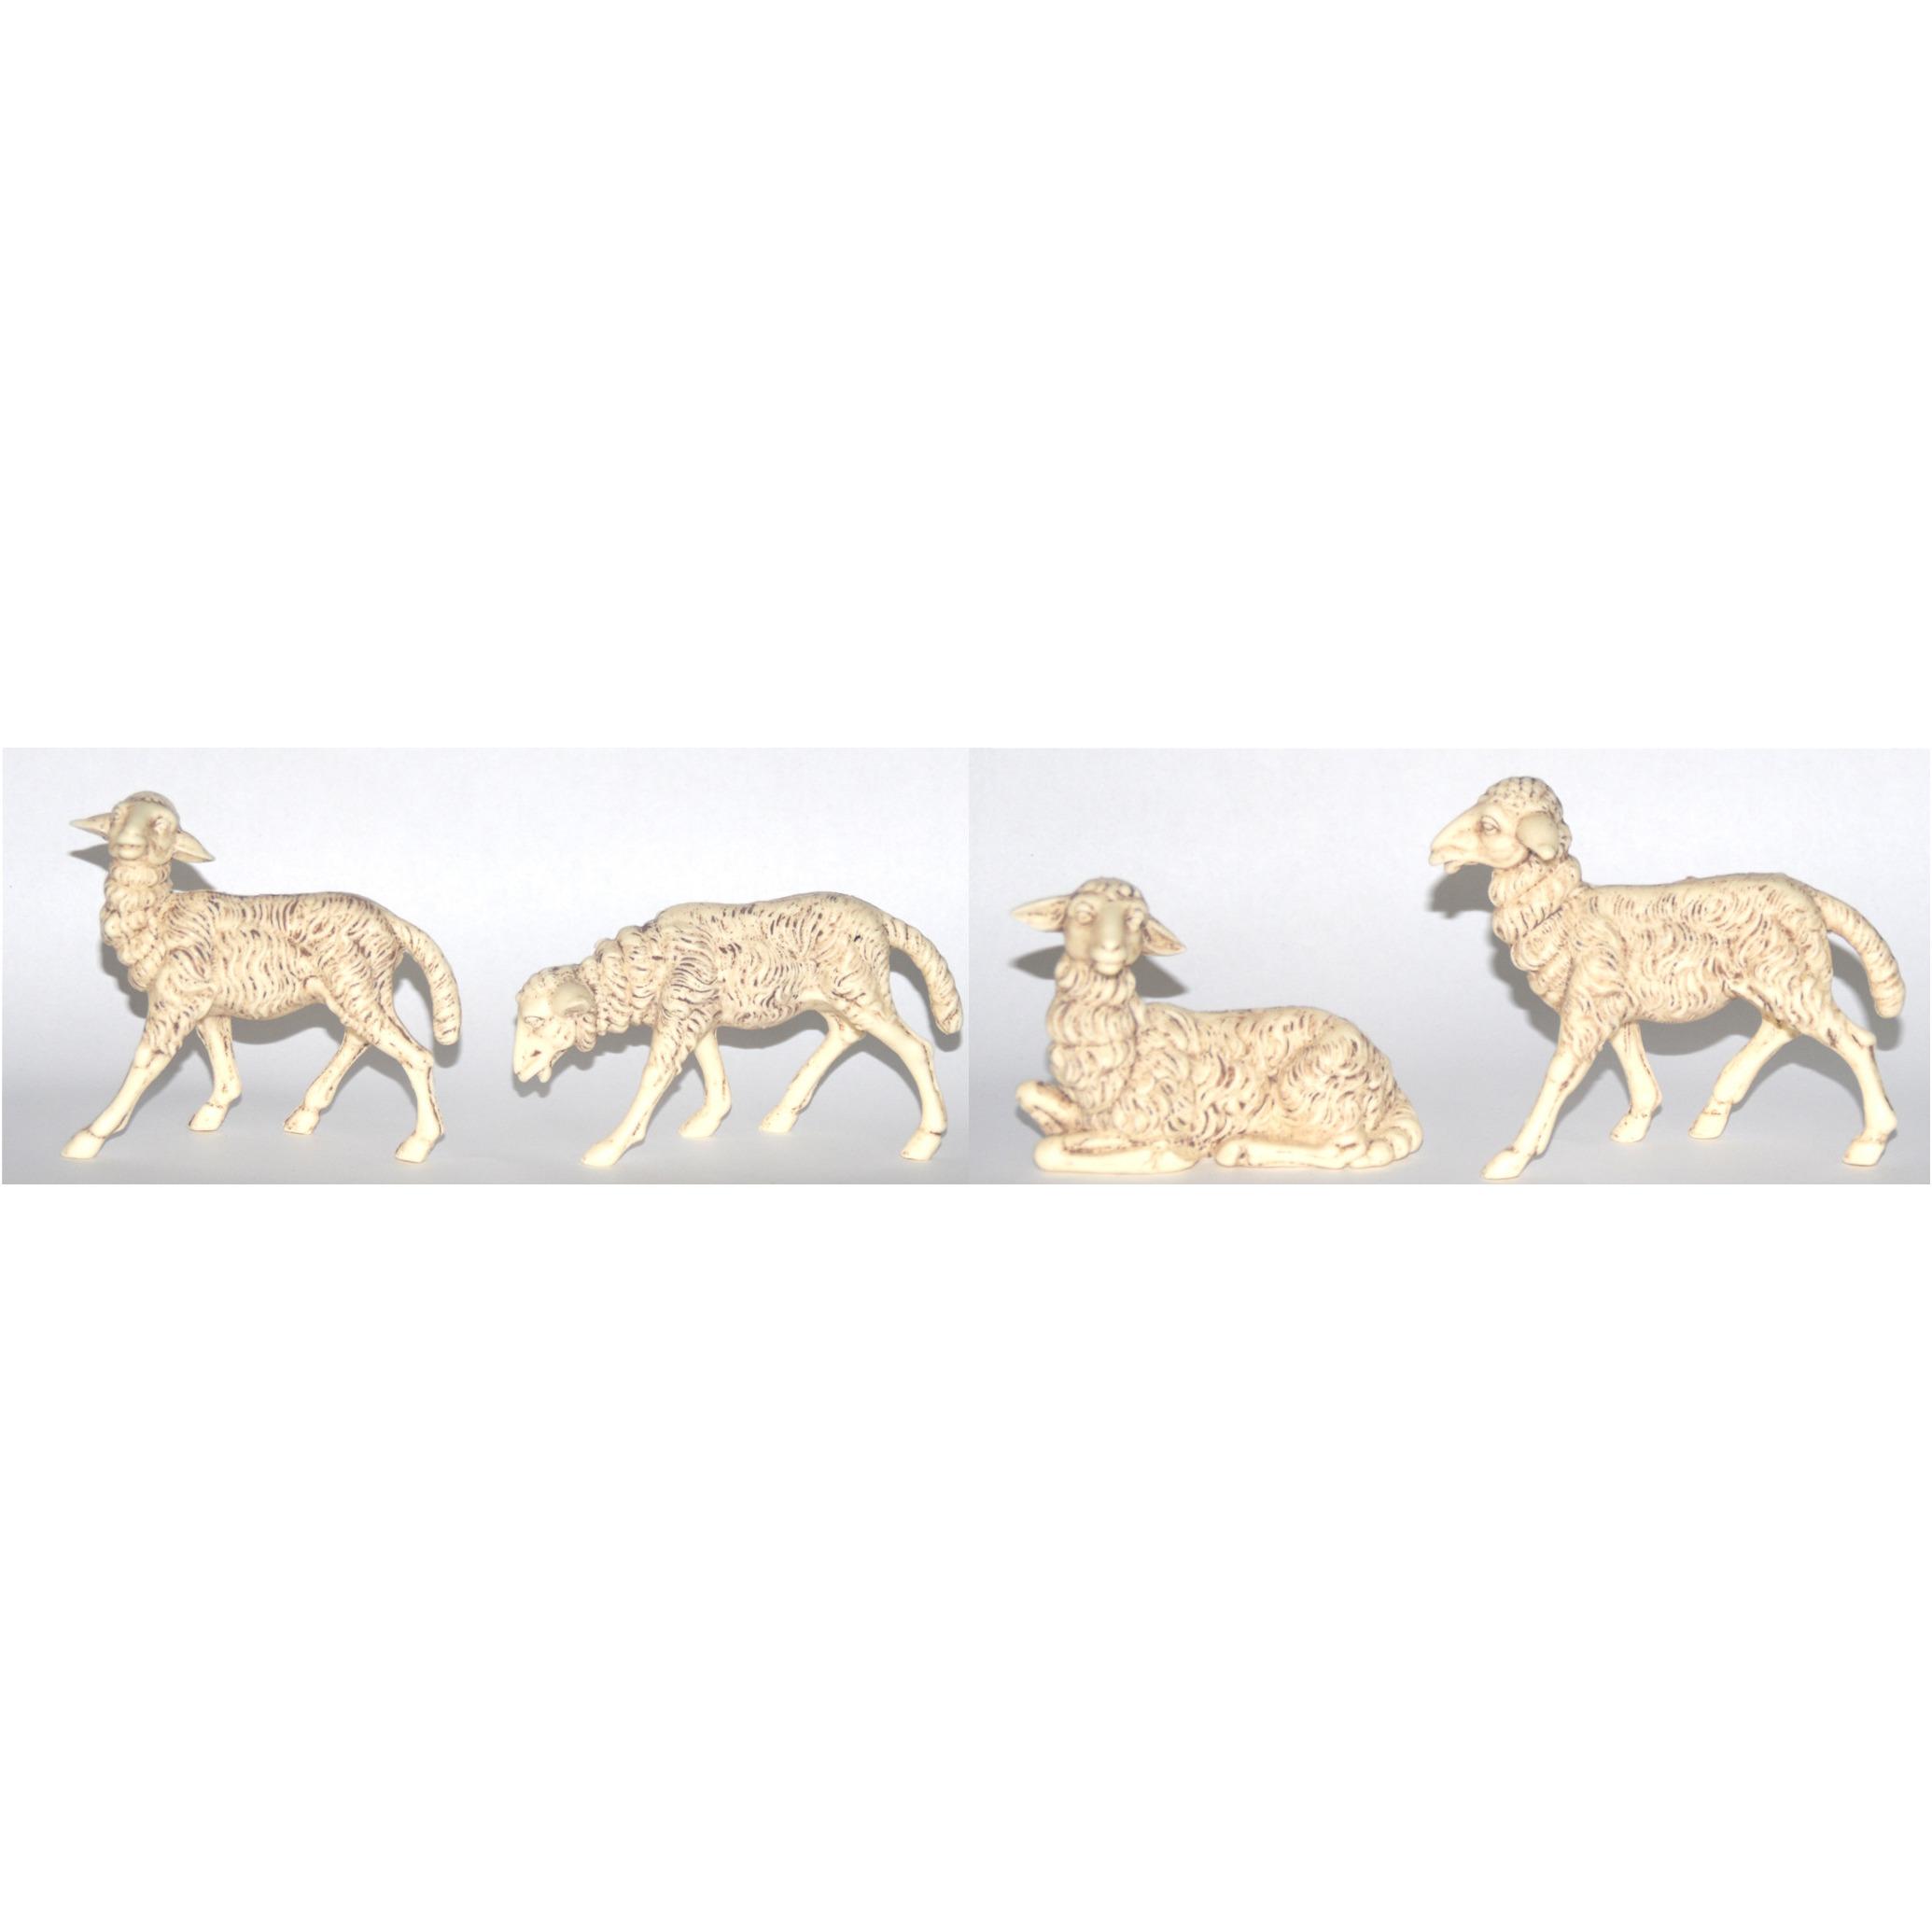 4x Witte schapen beeldjes 10 x 10 cm dierenbeeldjes